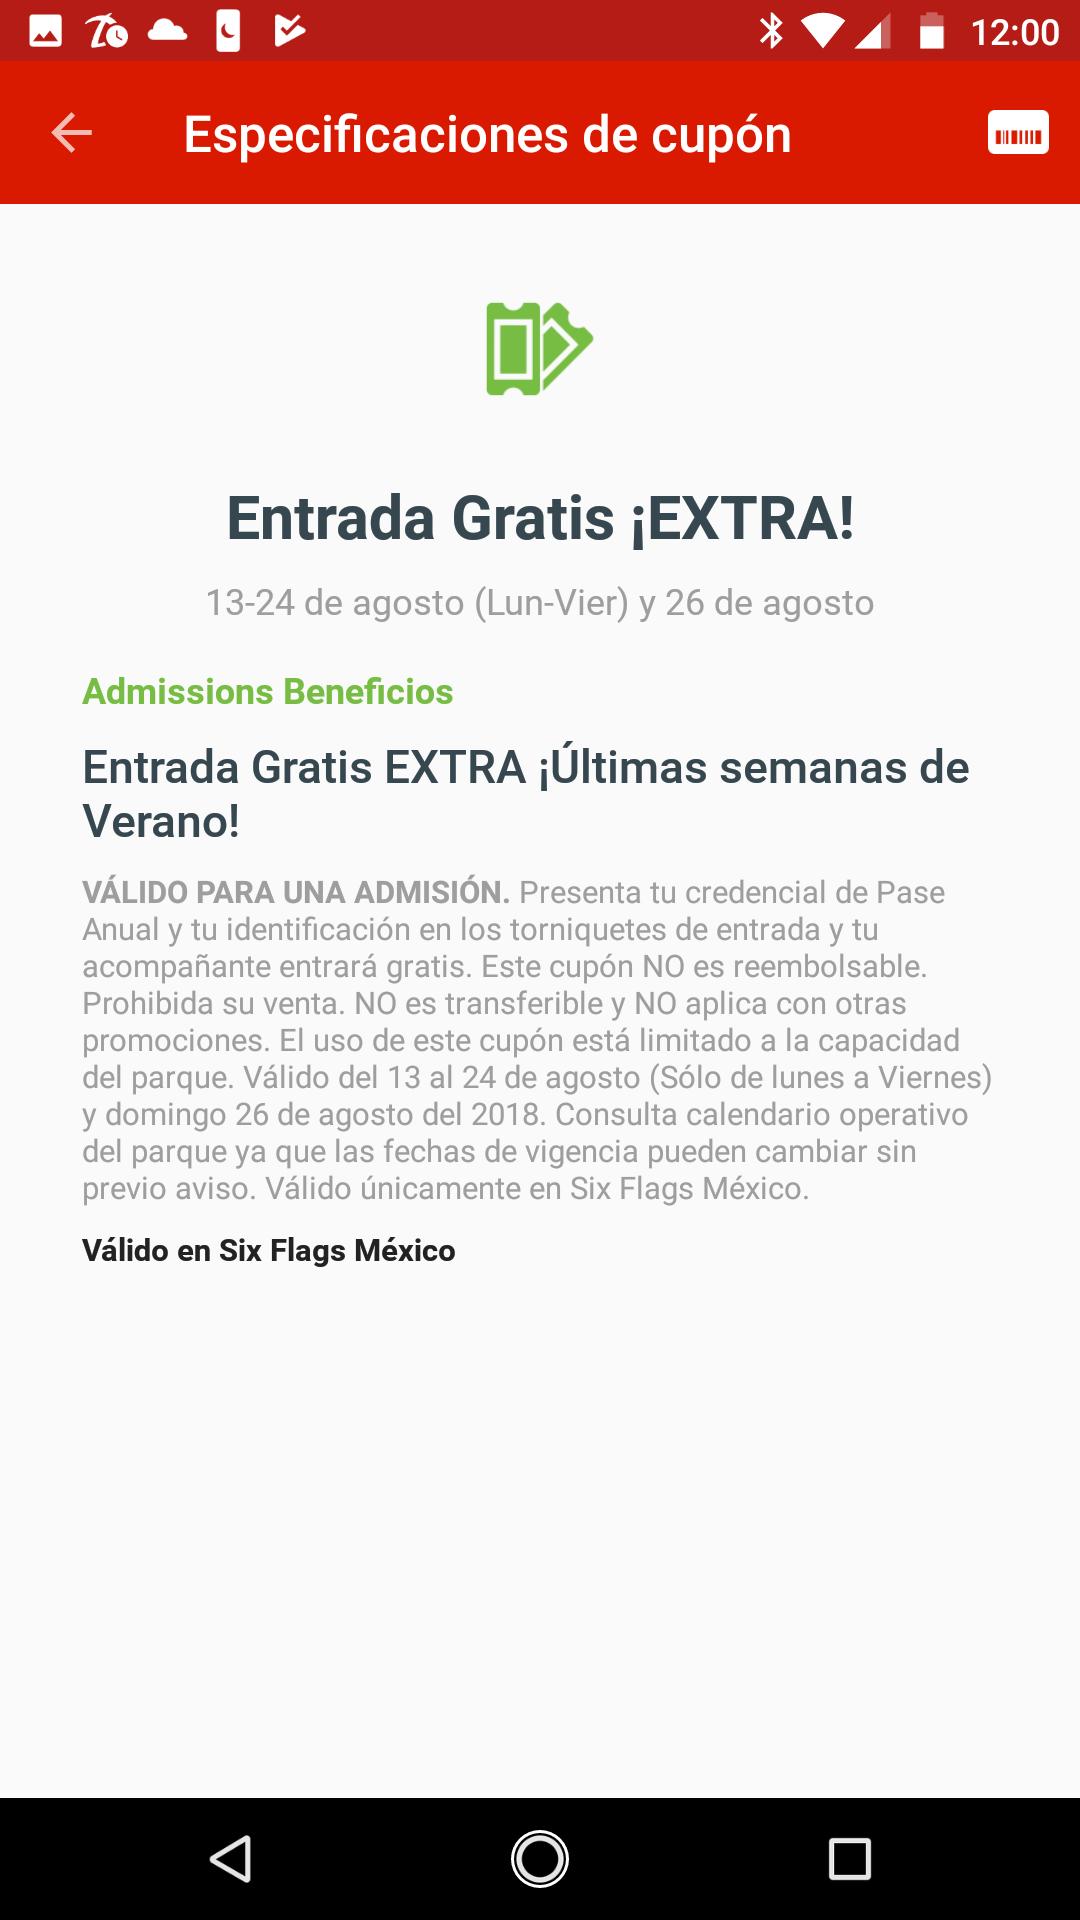 Entrada EXTRA-GRATIS Socios pase anual GOLD SIX FLAGS MÉXICO.